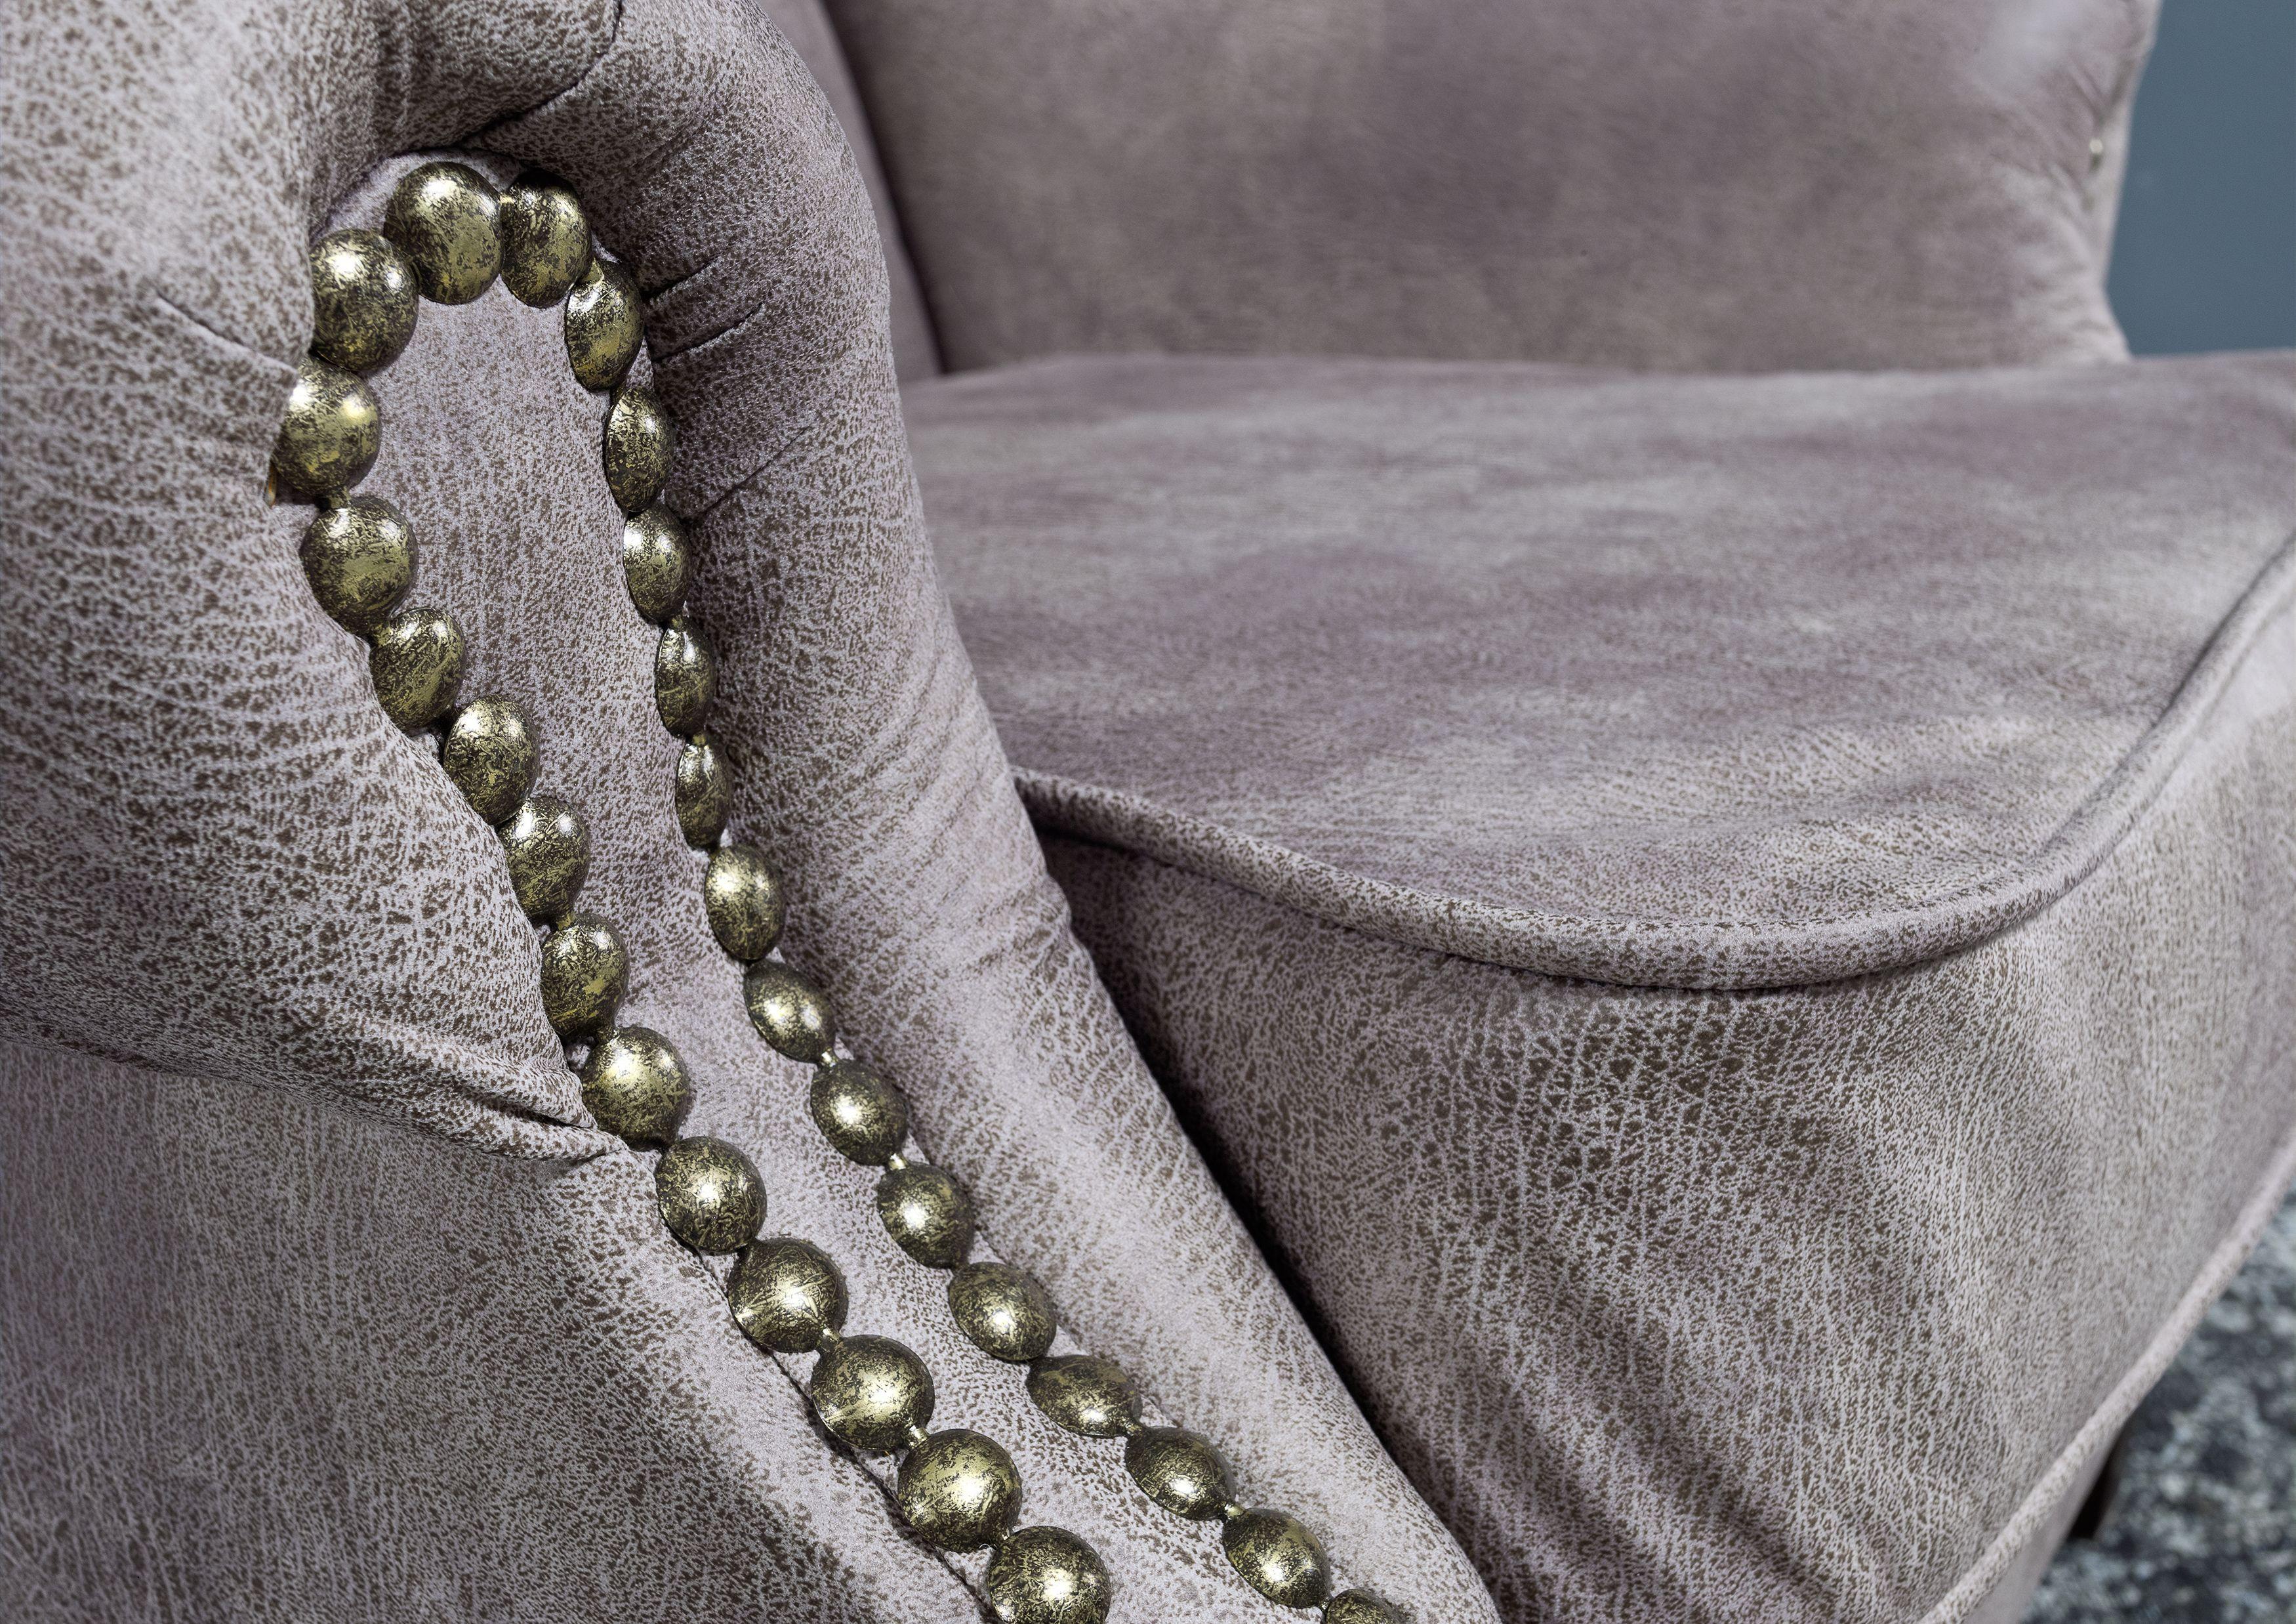 Sessel Der Oxford Serie In Klassisch Englischem Kolonialstil Der Pflegeleichte Bezug Besteht Aus Stoff Besitzt Jedoch Einen Hochwe Kolonialstil Sessel Stil